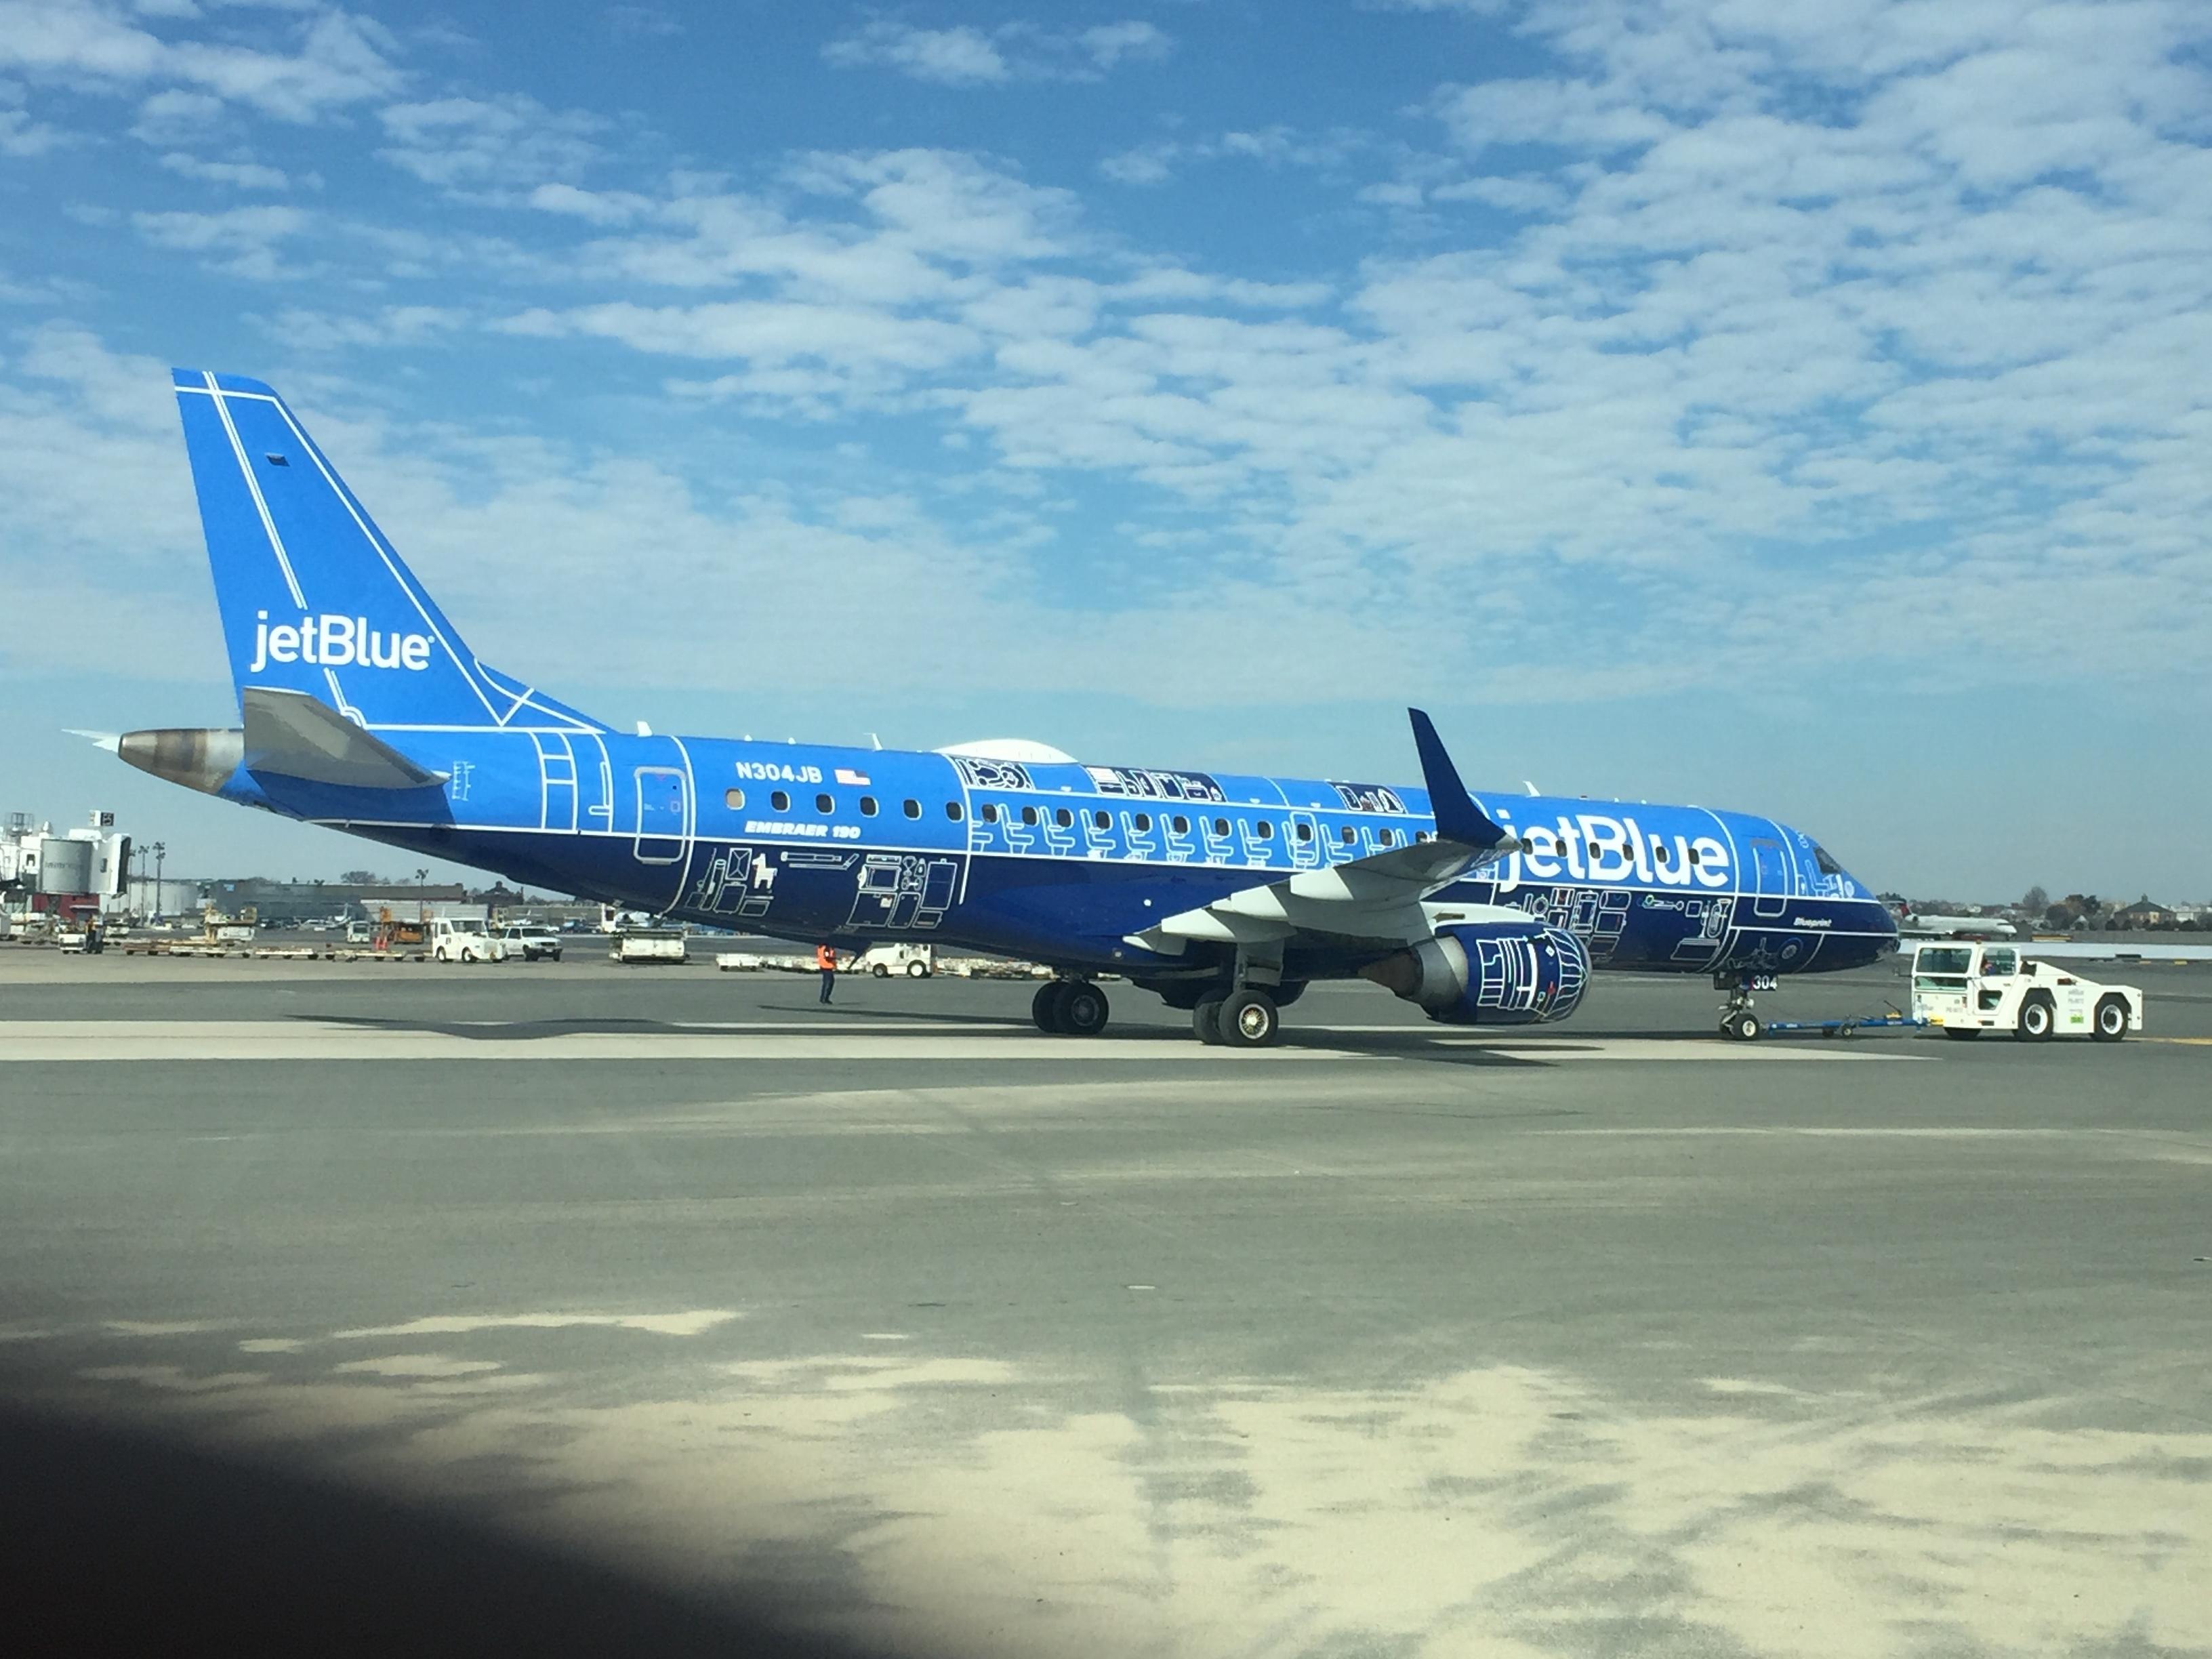 A JetBlue Airways E190